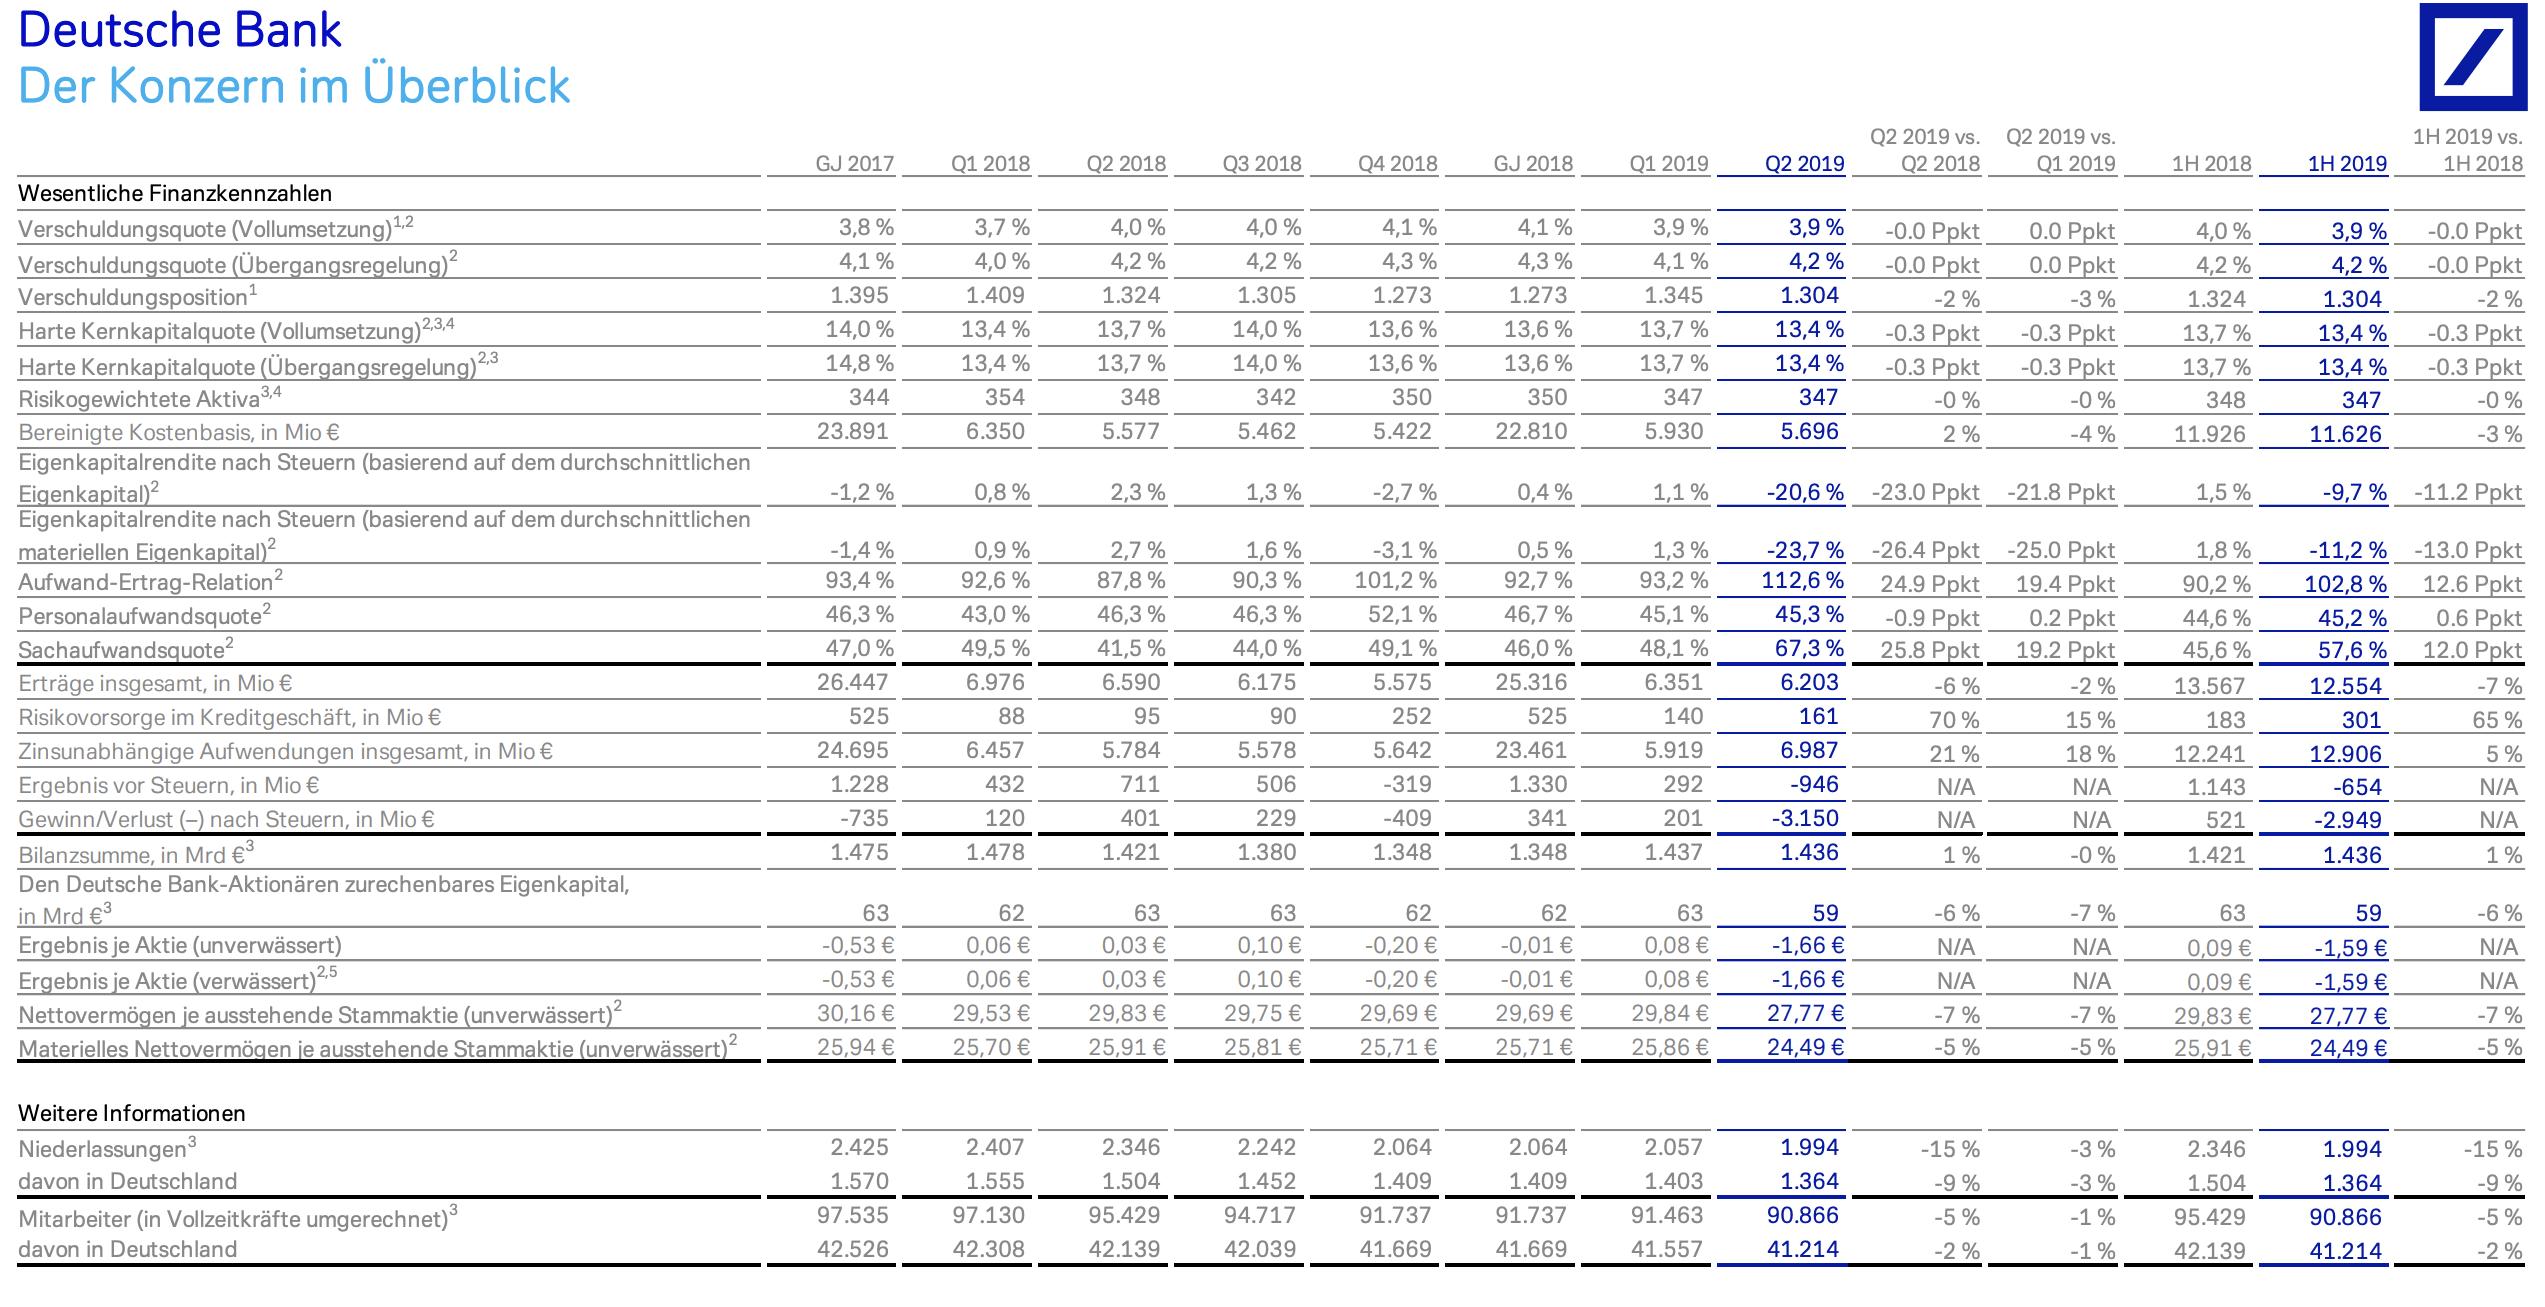 Deutsche Bank-Finanzkennzahlen